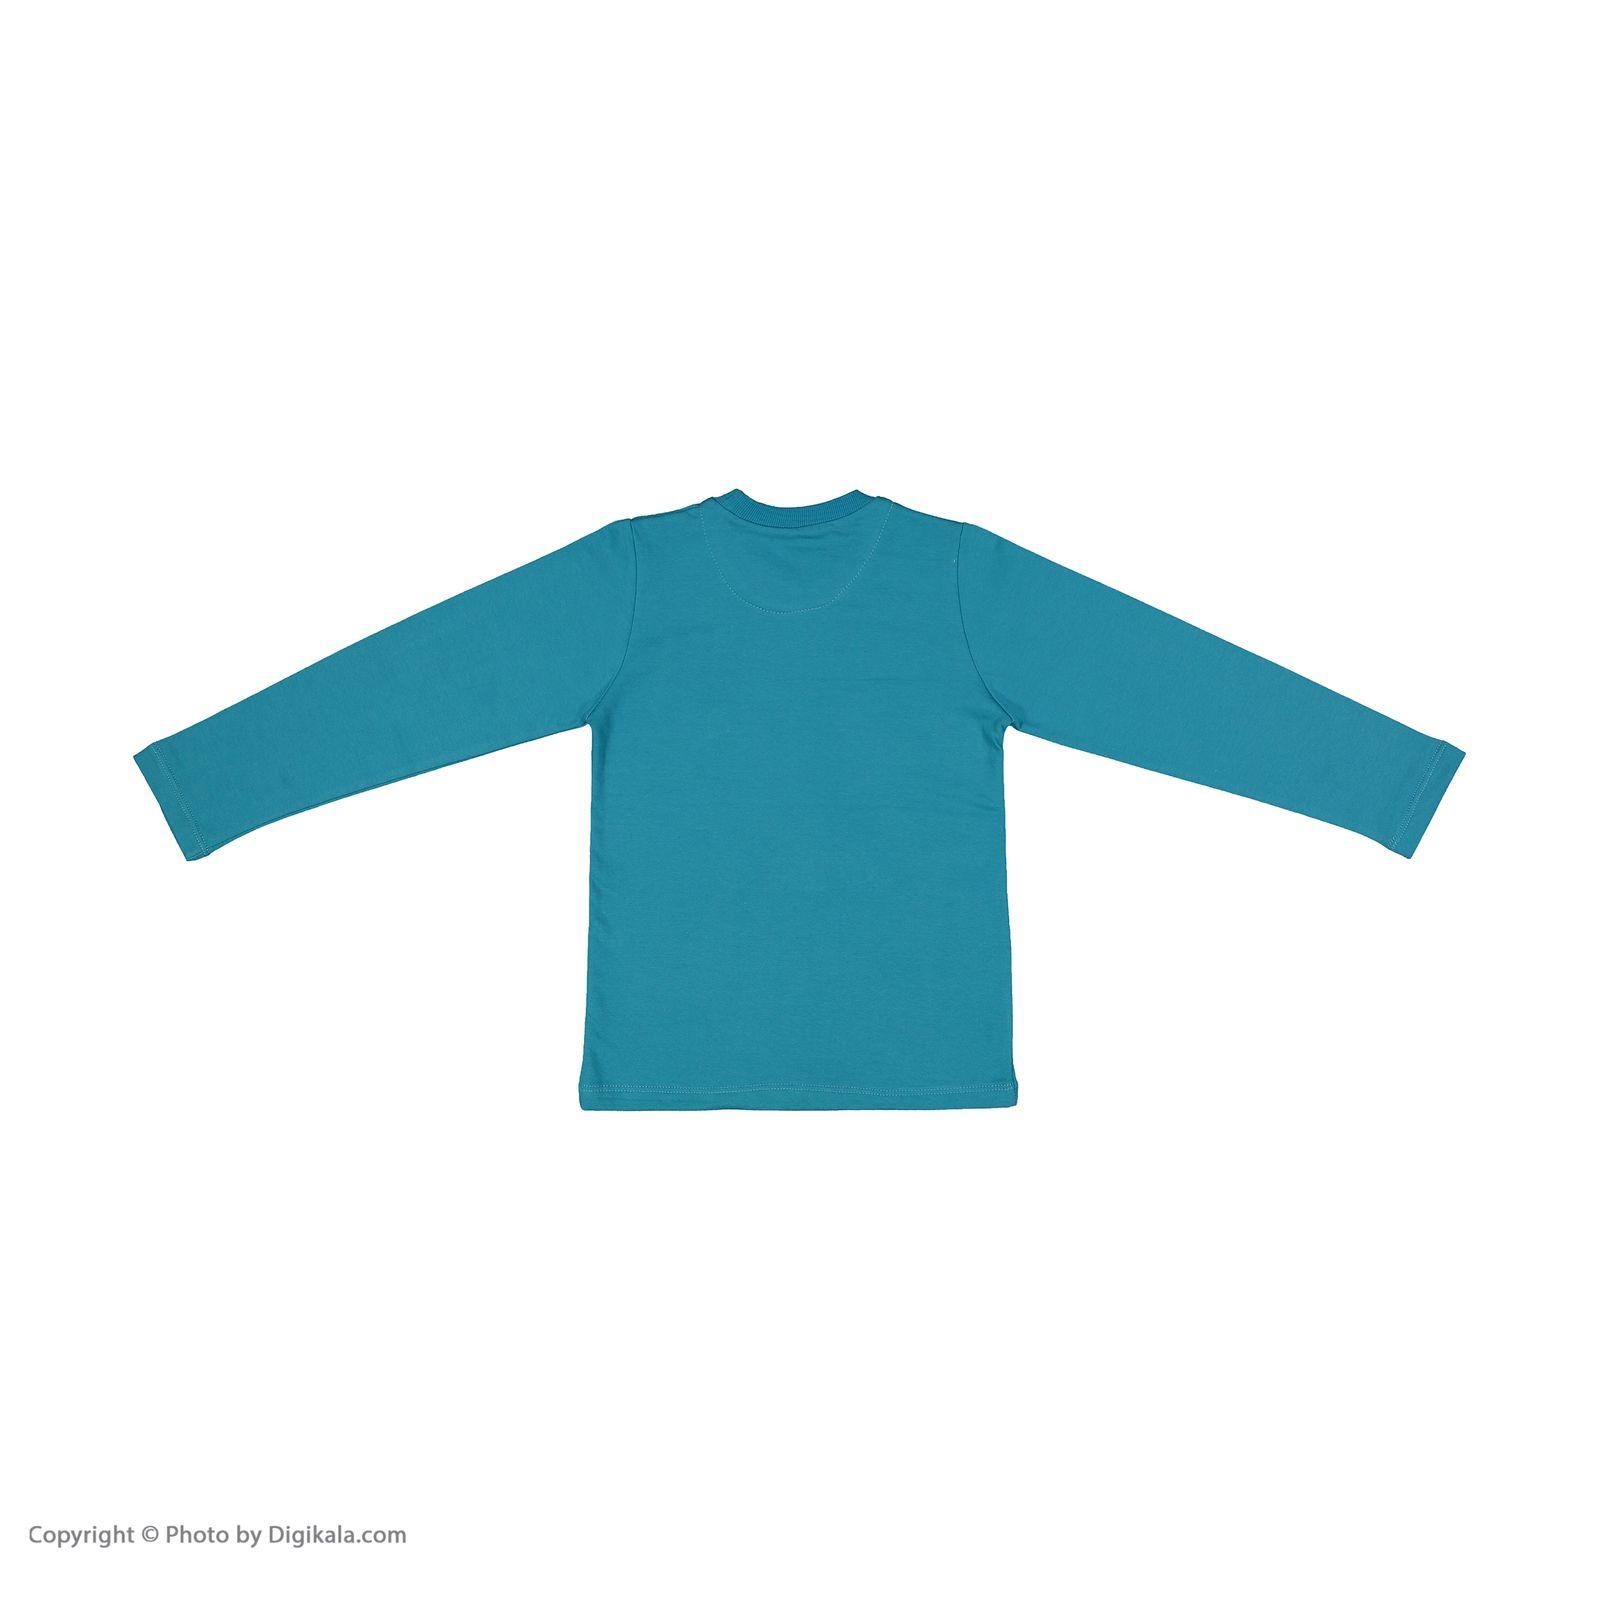 تی شرت پسرانه سون پون مدل 1391363-52 -  - 4